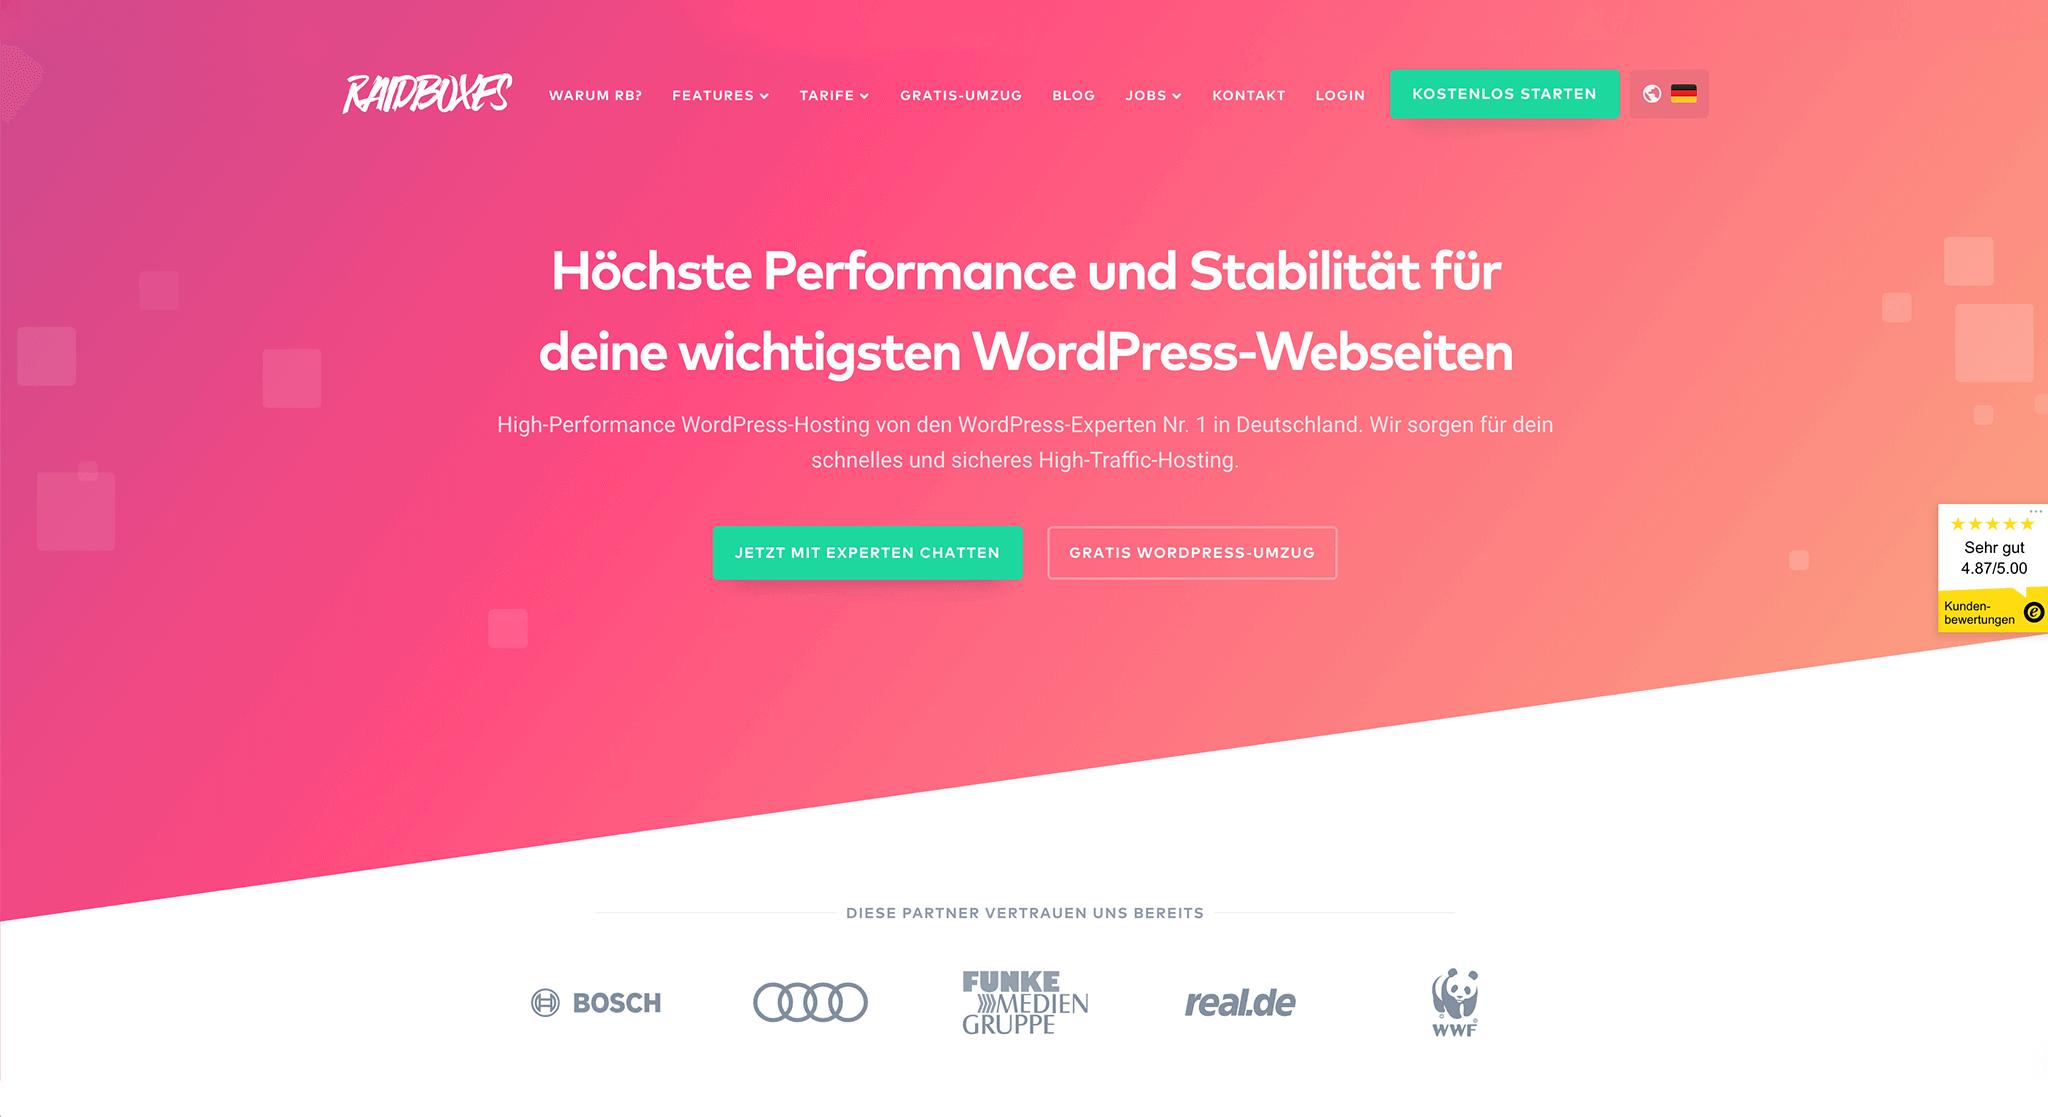 WebDesign Trender 2019: Mönster